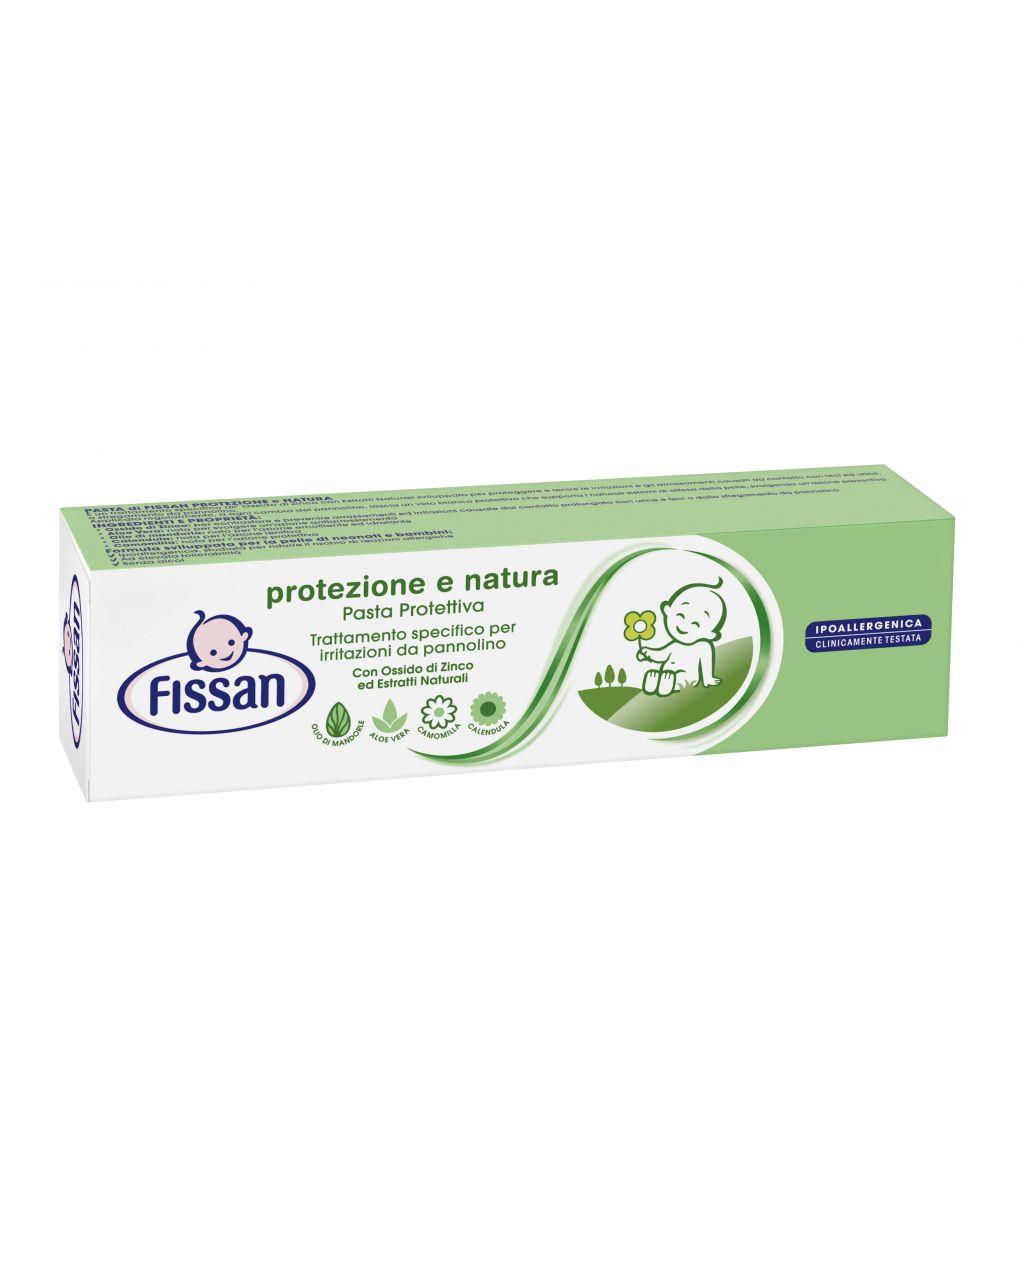 Pasta di fissan protezione e natura 75 ml - Fissan